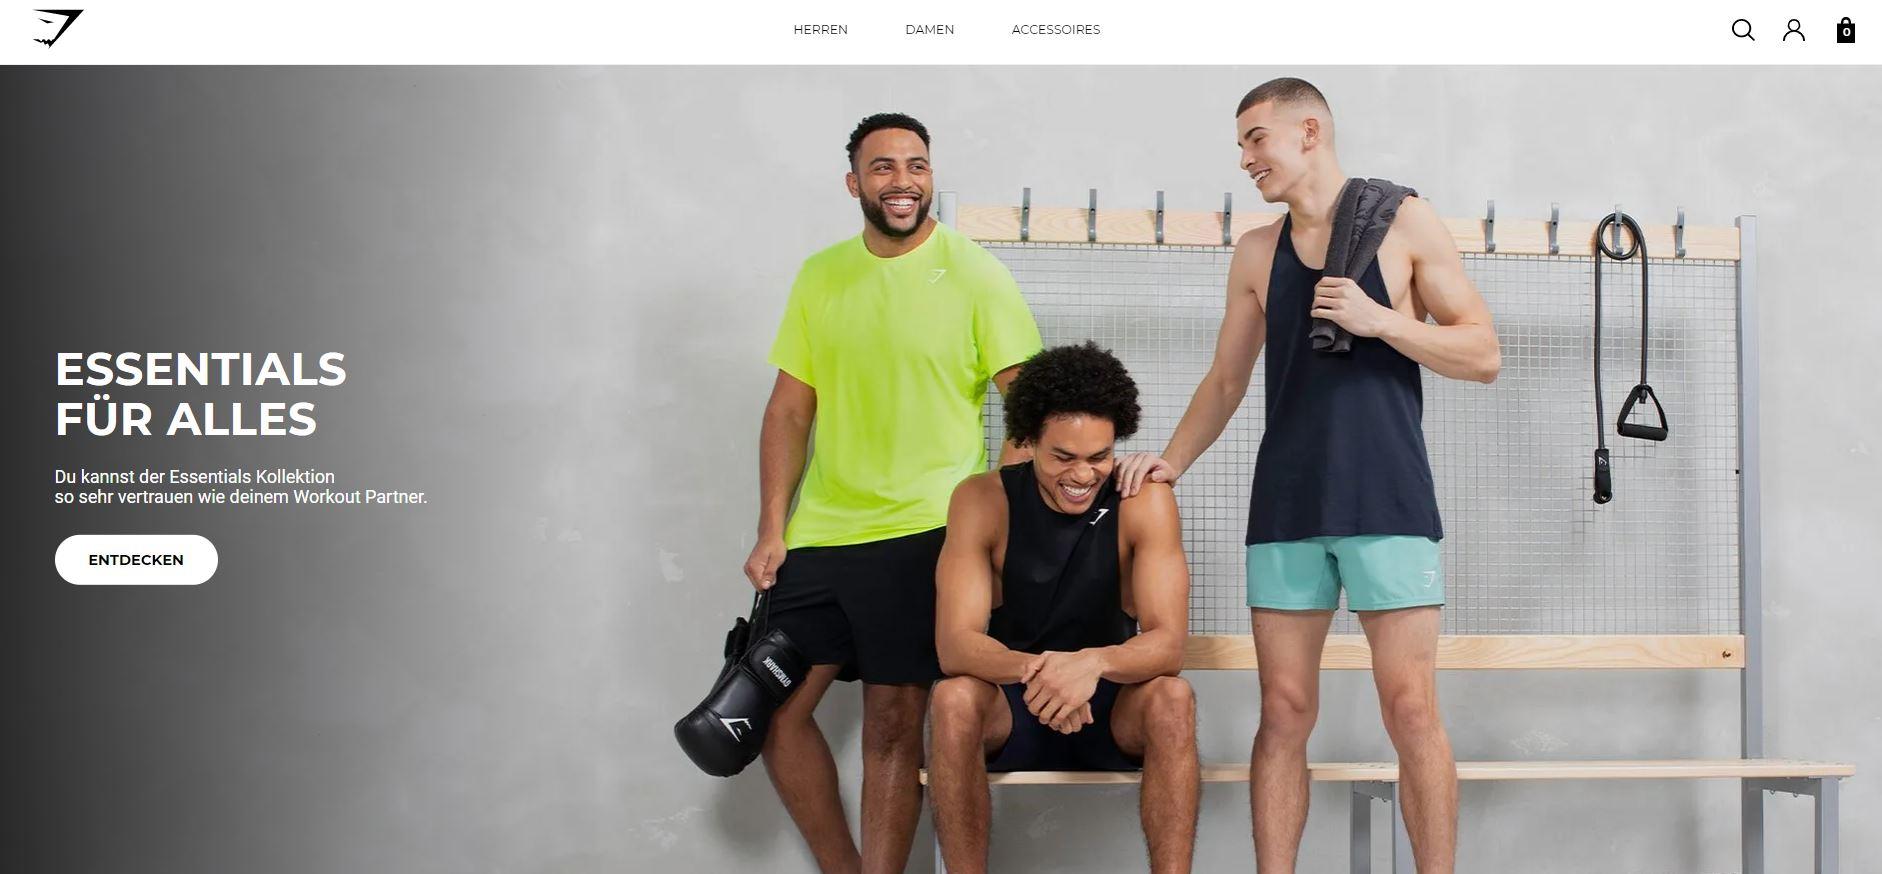 Screenshot Gymshark als Beispiel für guten Firmennamen